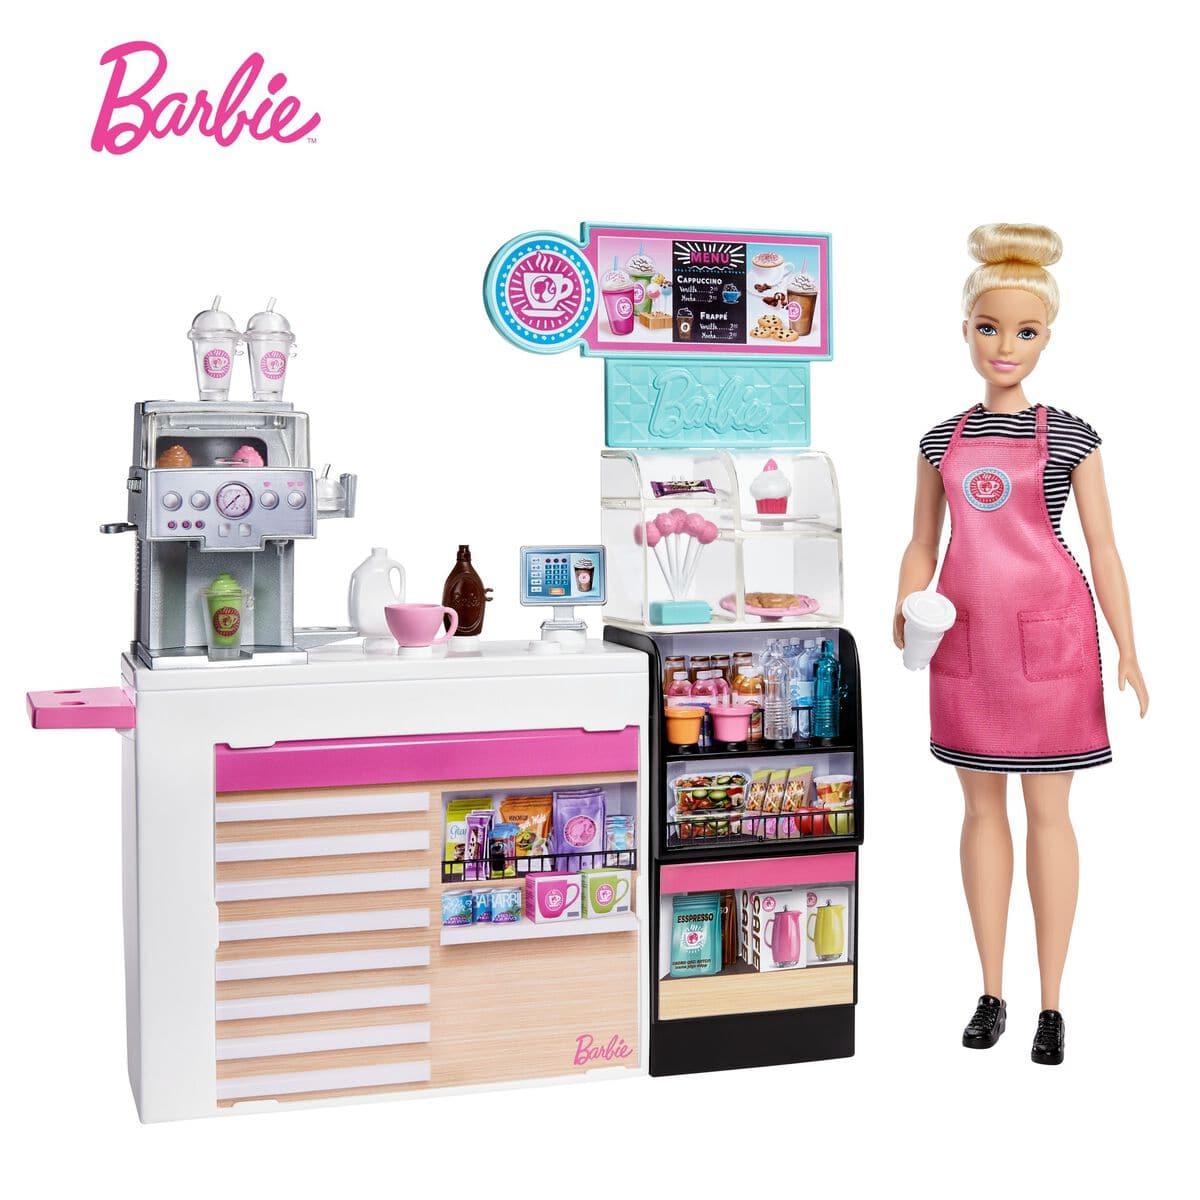 Barbie Coffee Shop Spielset und Puppe Puppenset